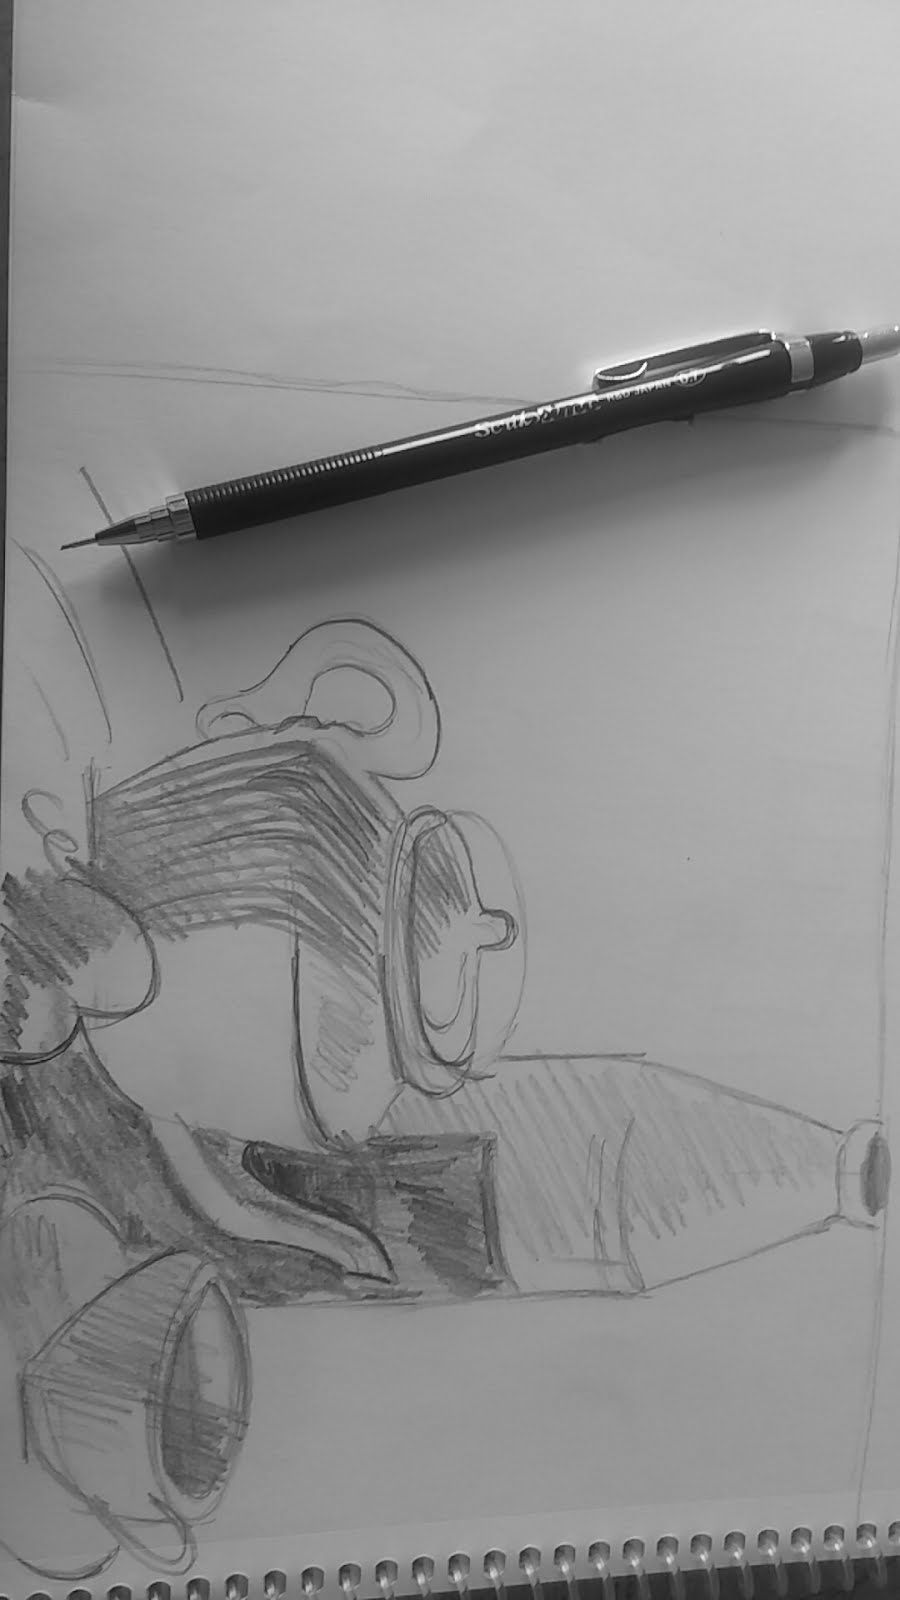 Yükle 900x1600mart 2018 karakalem çizimleri karakalem anime çizimleri ünlü çizimlerigöksel yeşilyurttan gelen karakalem çizimleri